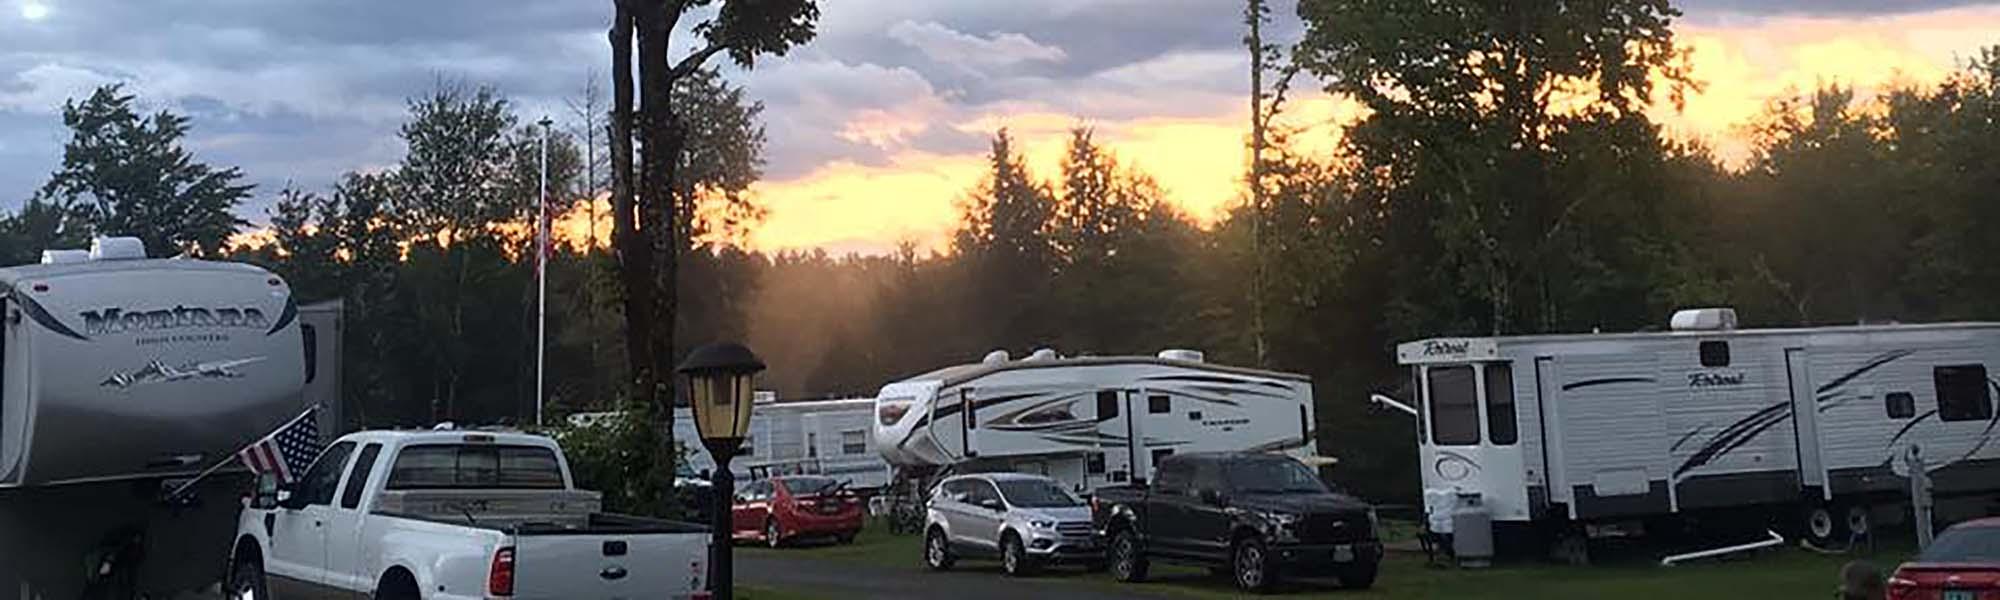 camping at sunset